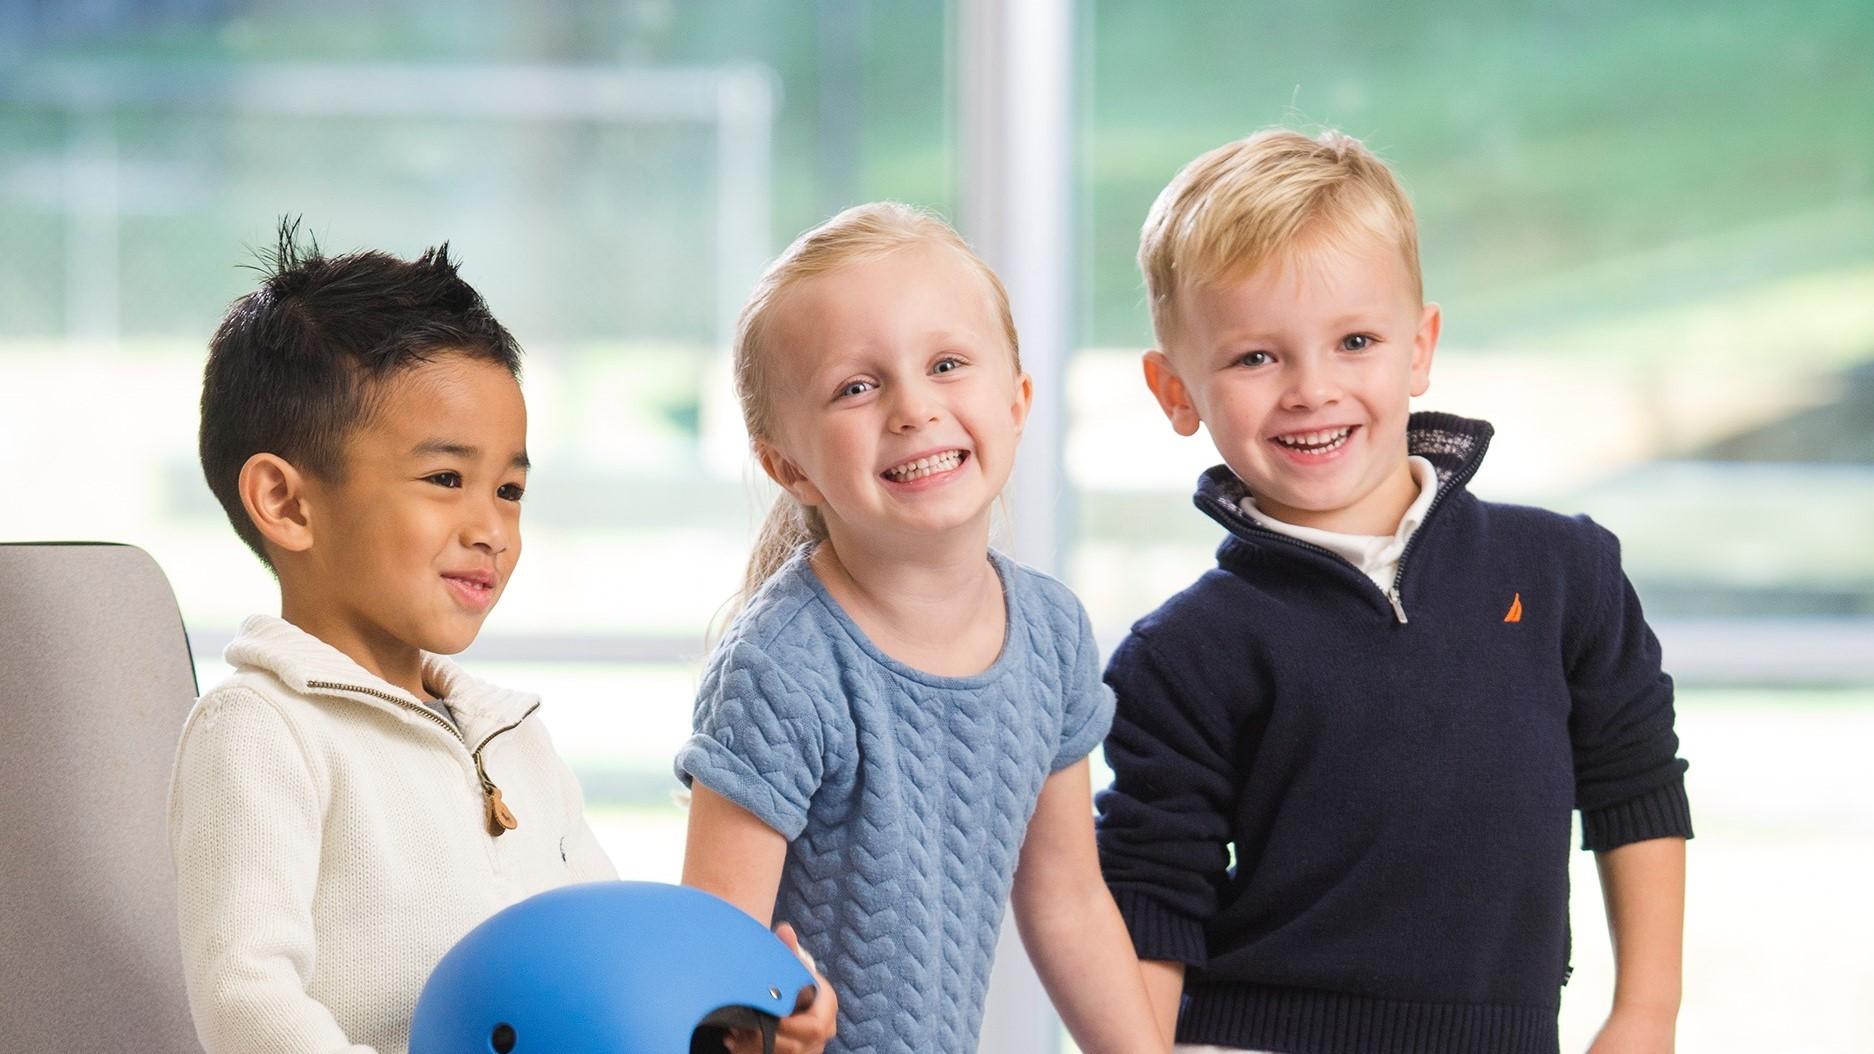 Slideshow Image - Elementary Gym